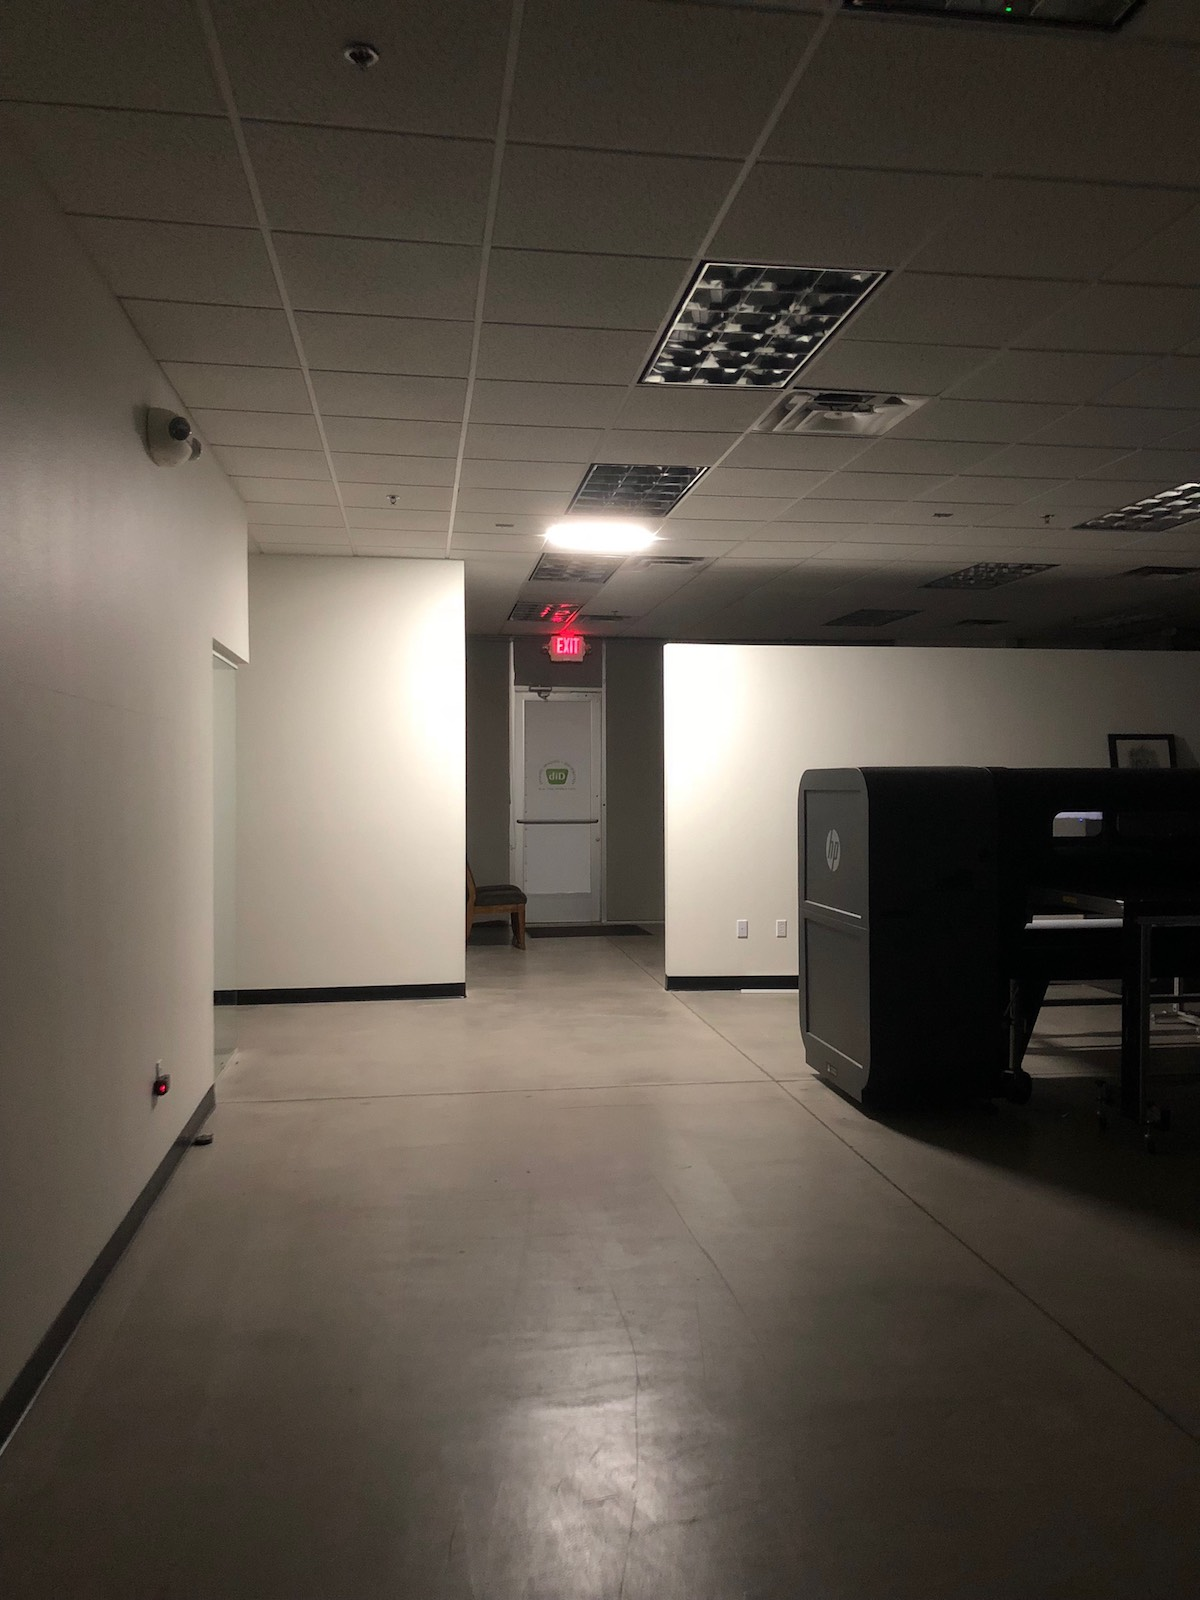 LED grid - modern decoration and safe lighting